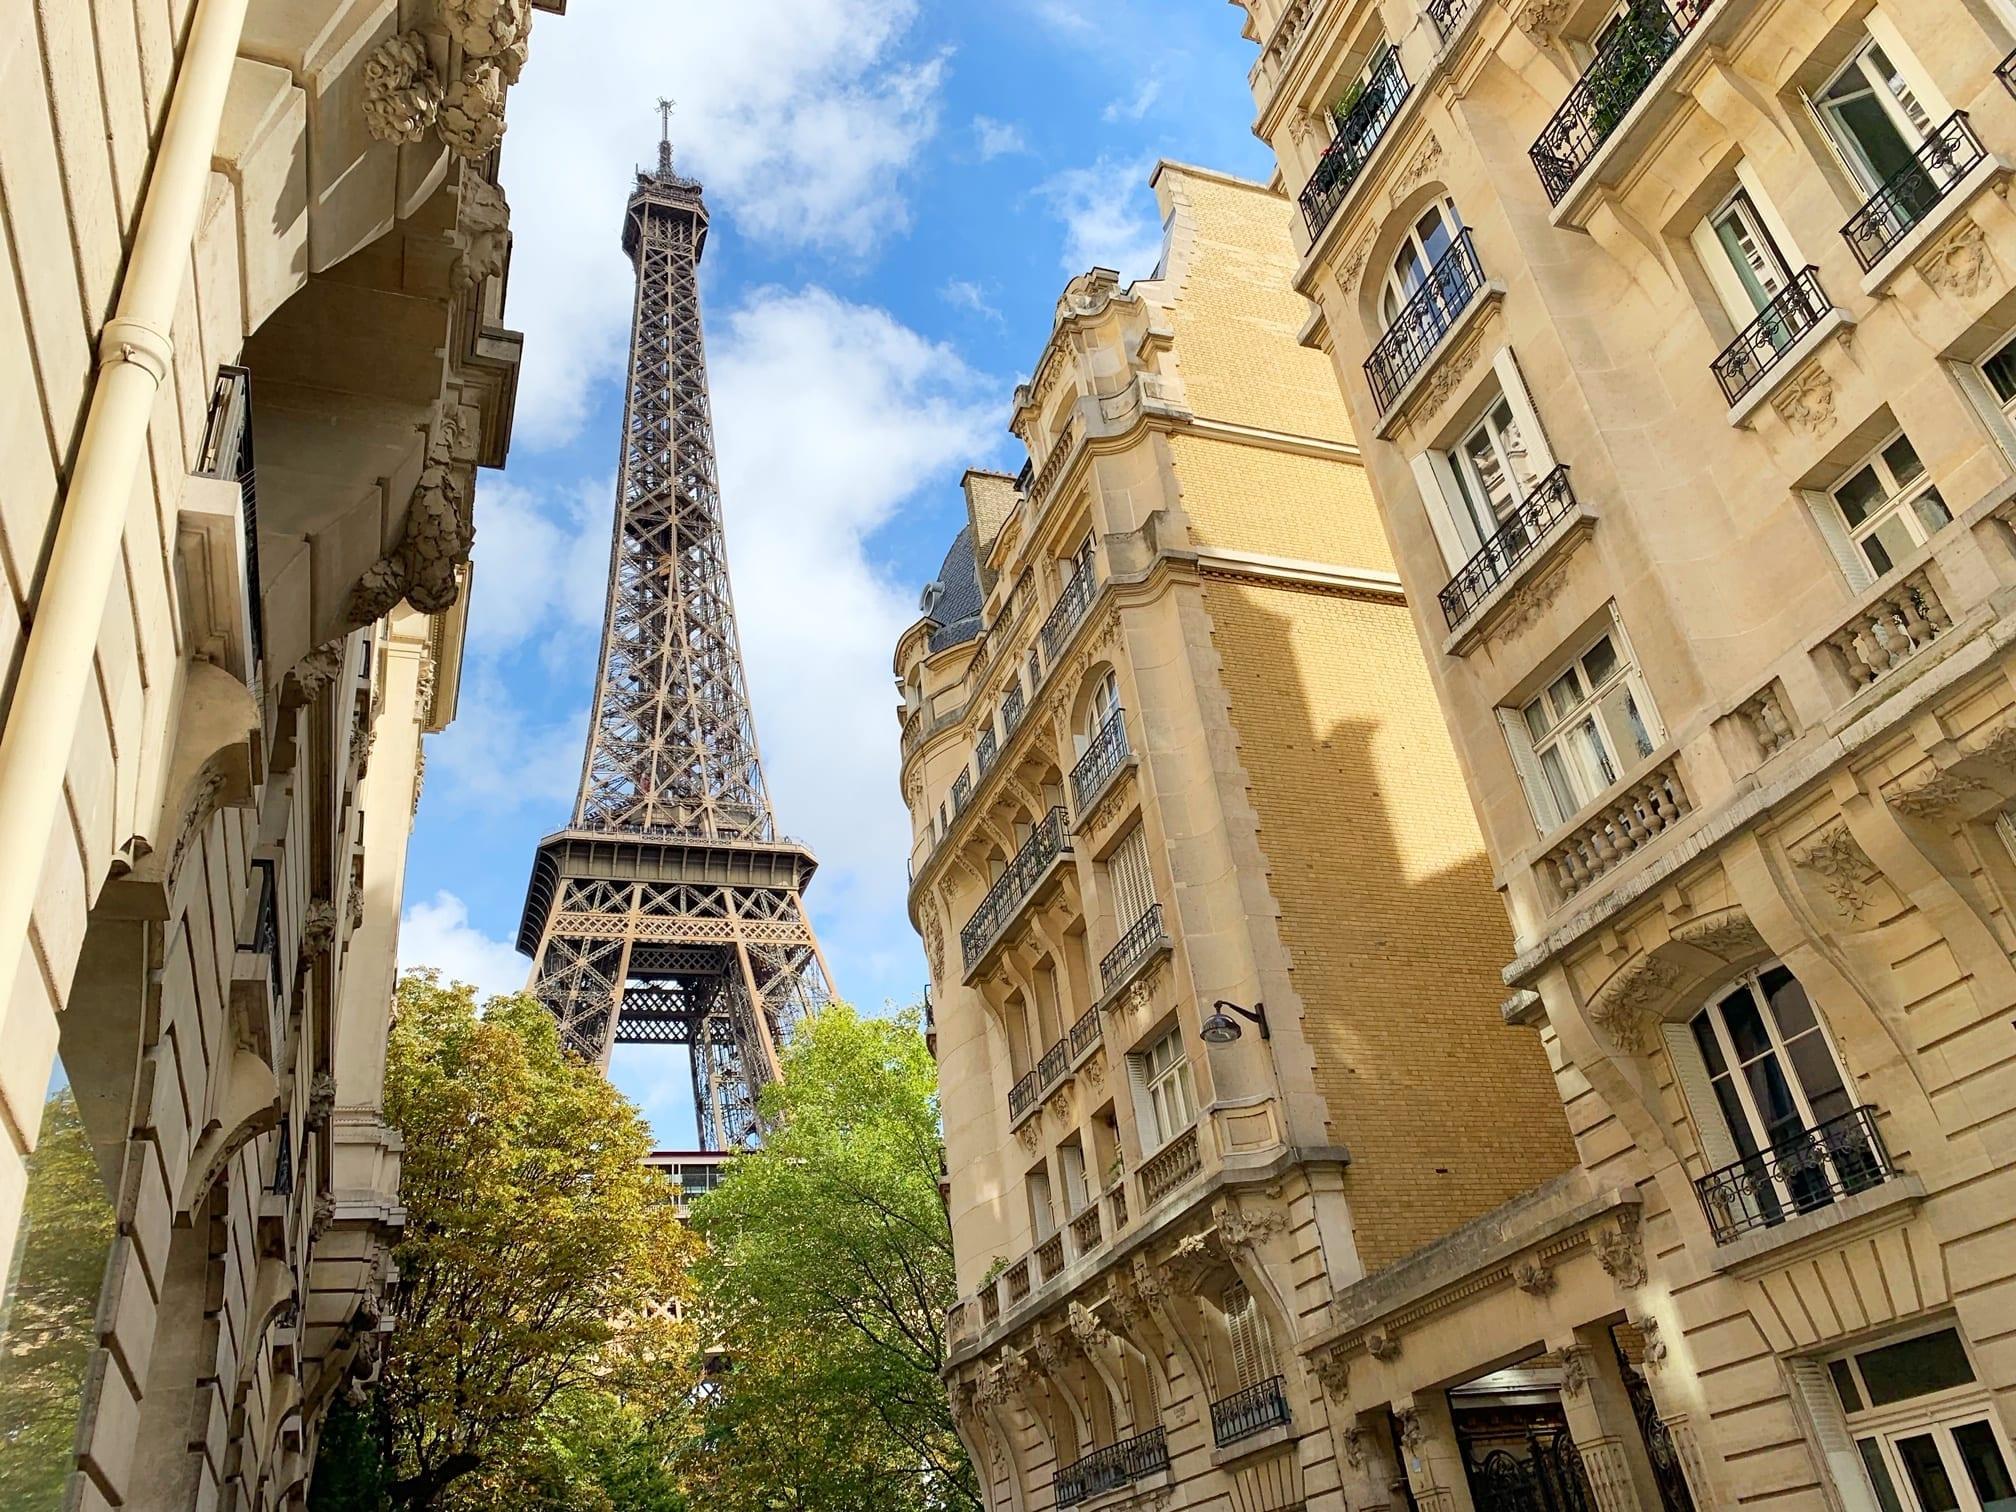 ETW #37 Exploring Europe with Monograms Travel